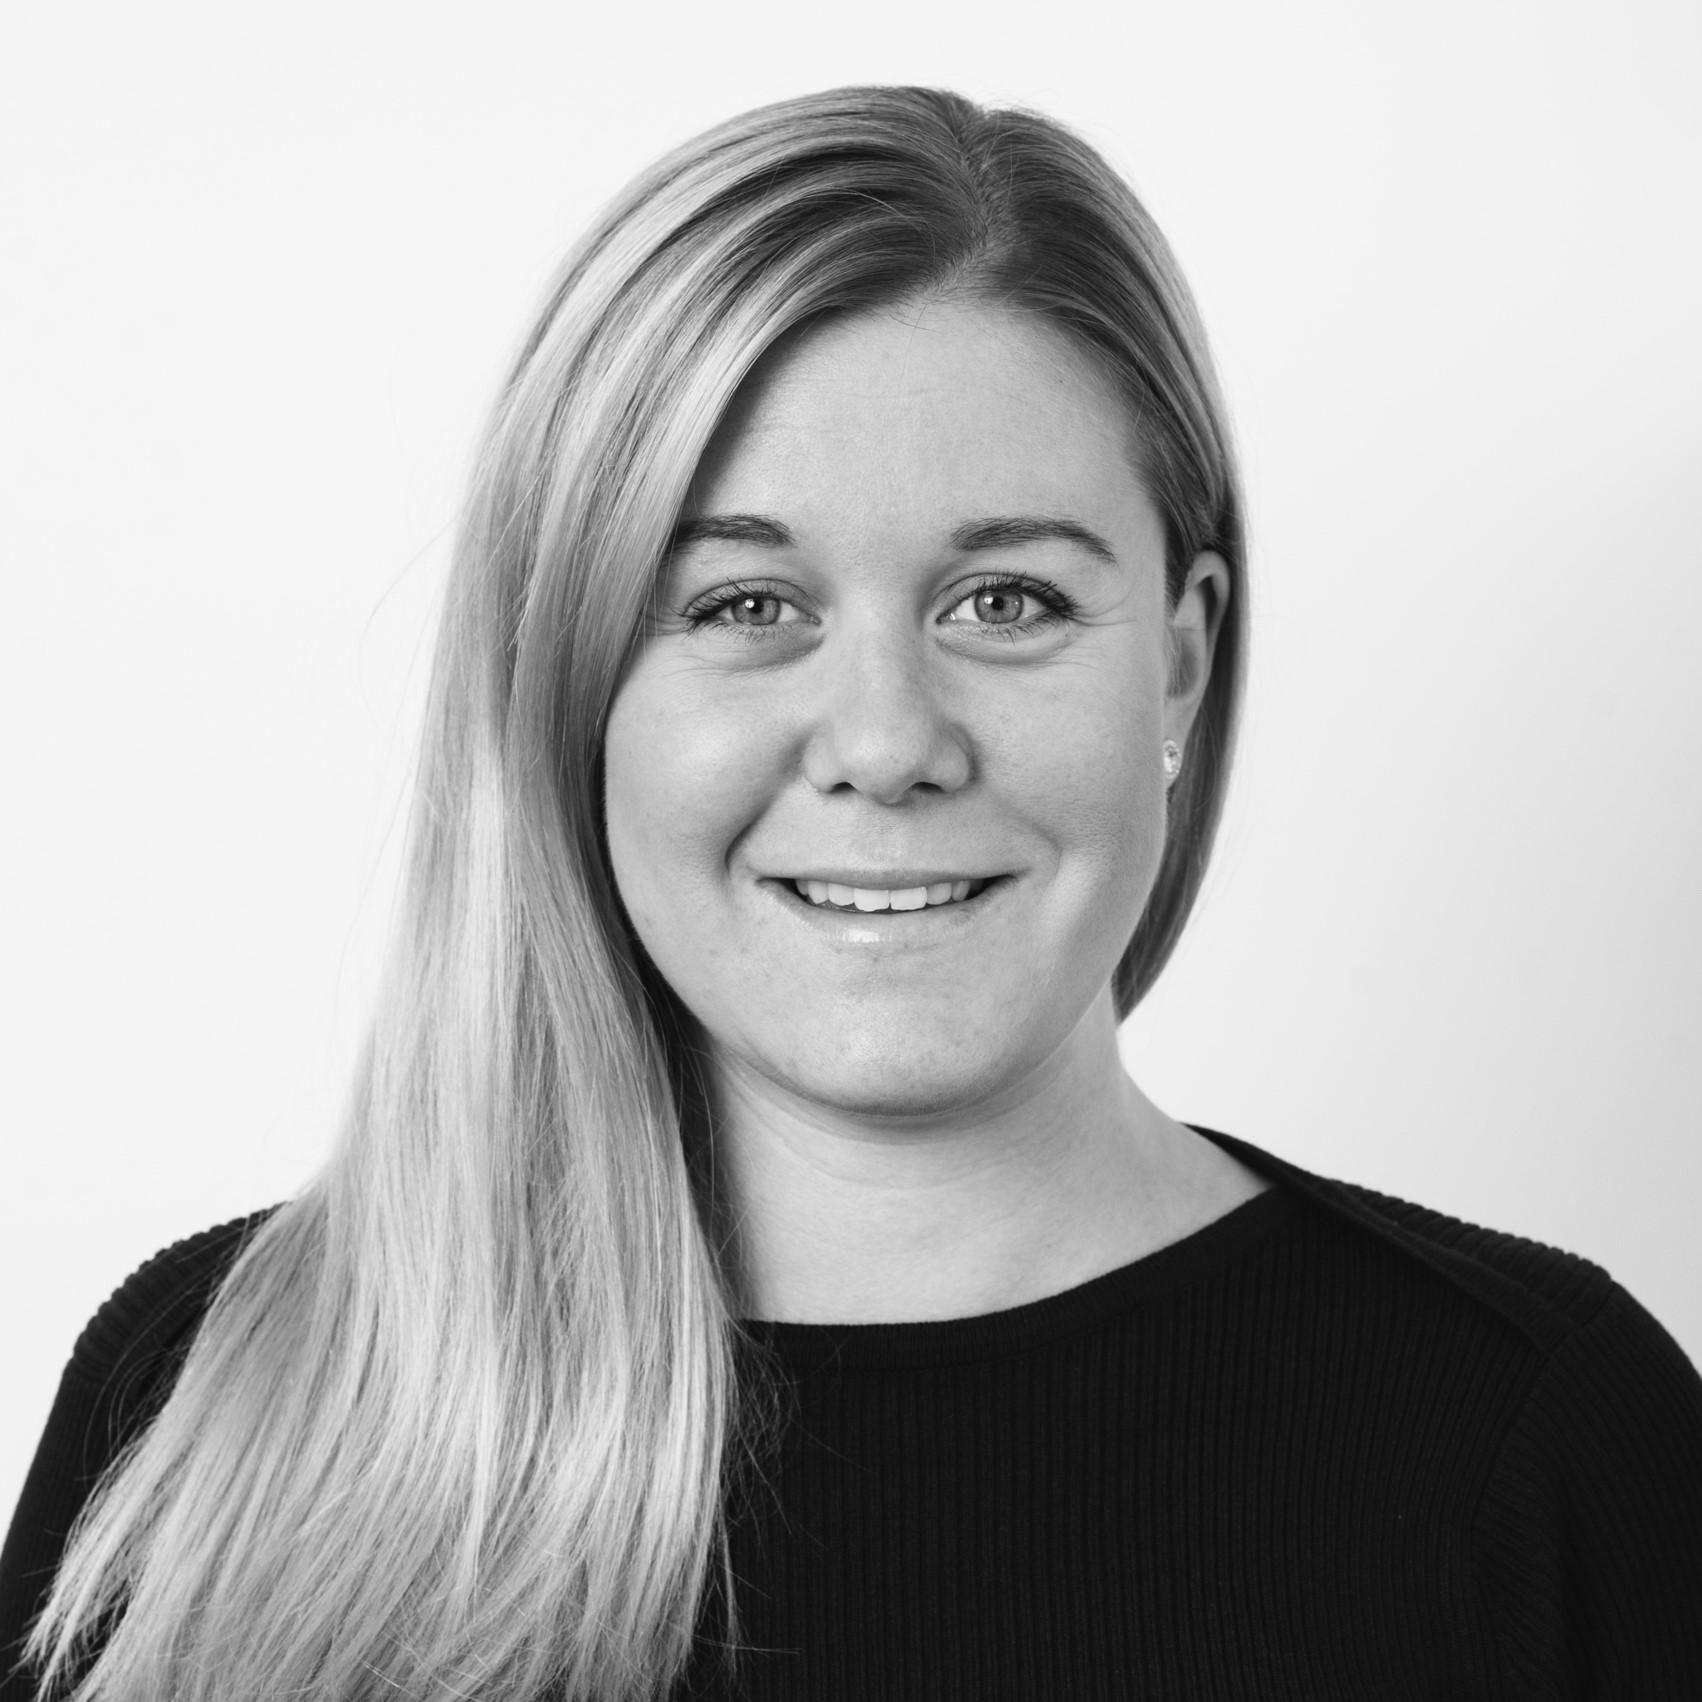 Sofie Logärd